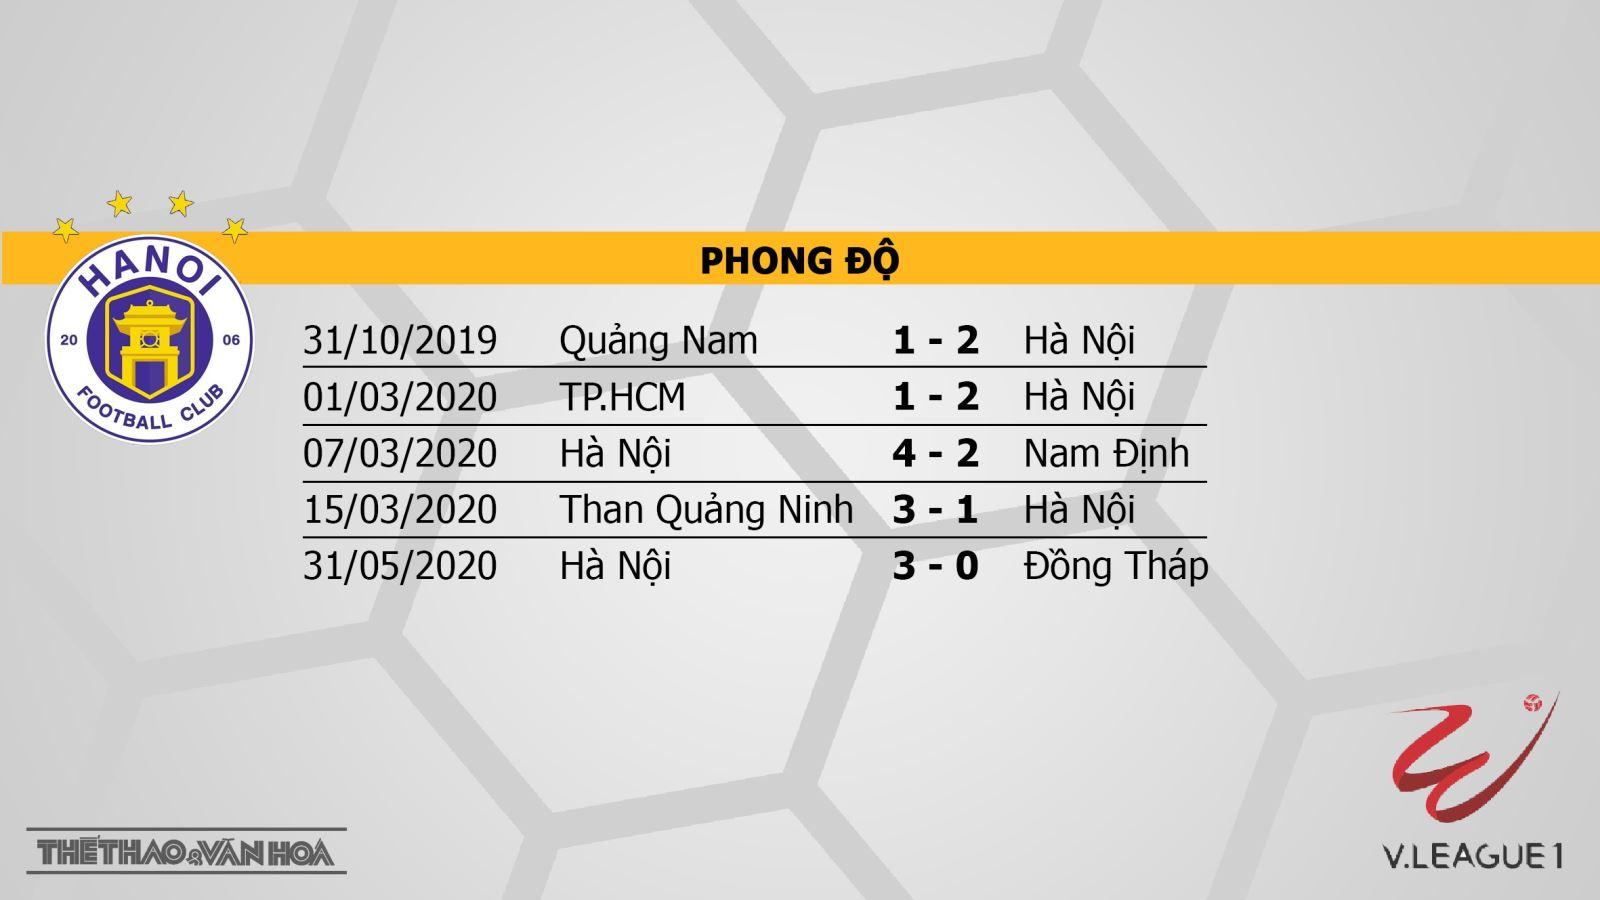 Hà Nội vs HAGL, HAGL, Hà Nội, trực tiếp bóng đá, dự đoán, nhận định Hà Nội vs HAGL, kèo bóng đá, soi kèo bóng đá, BĐTV